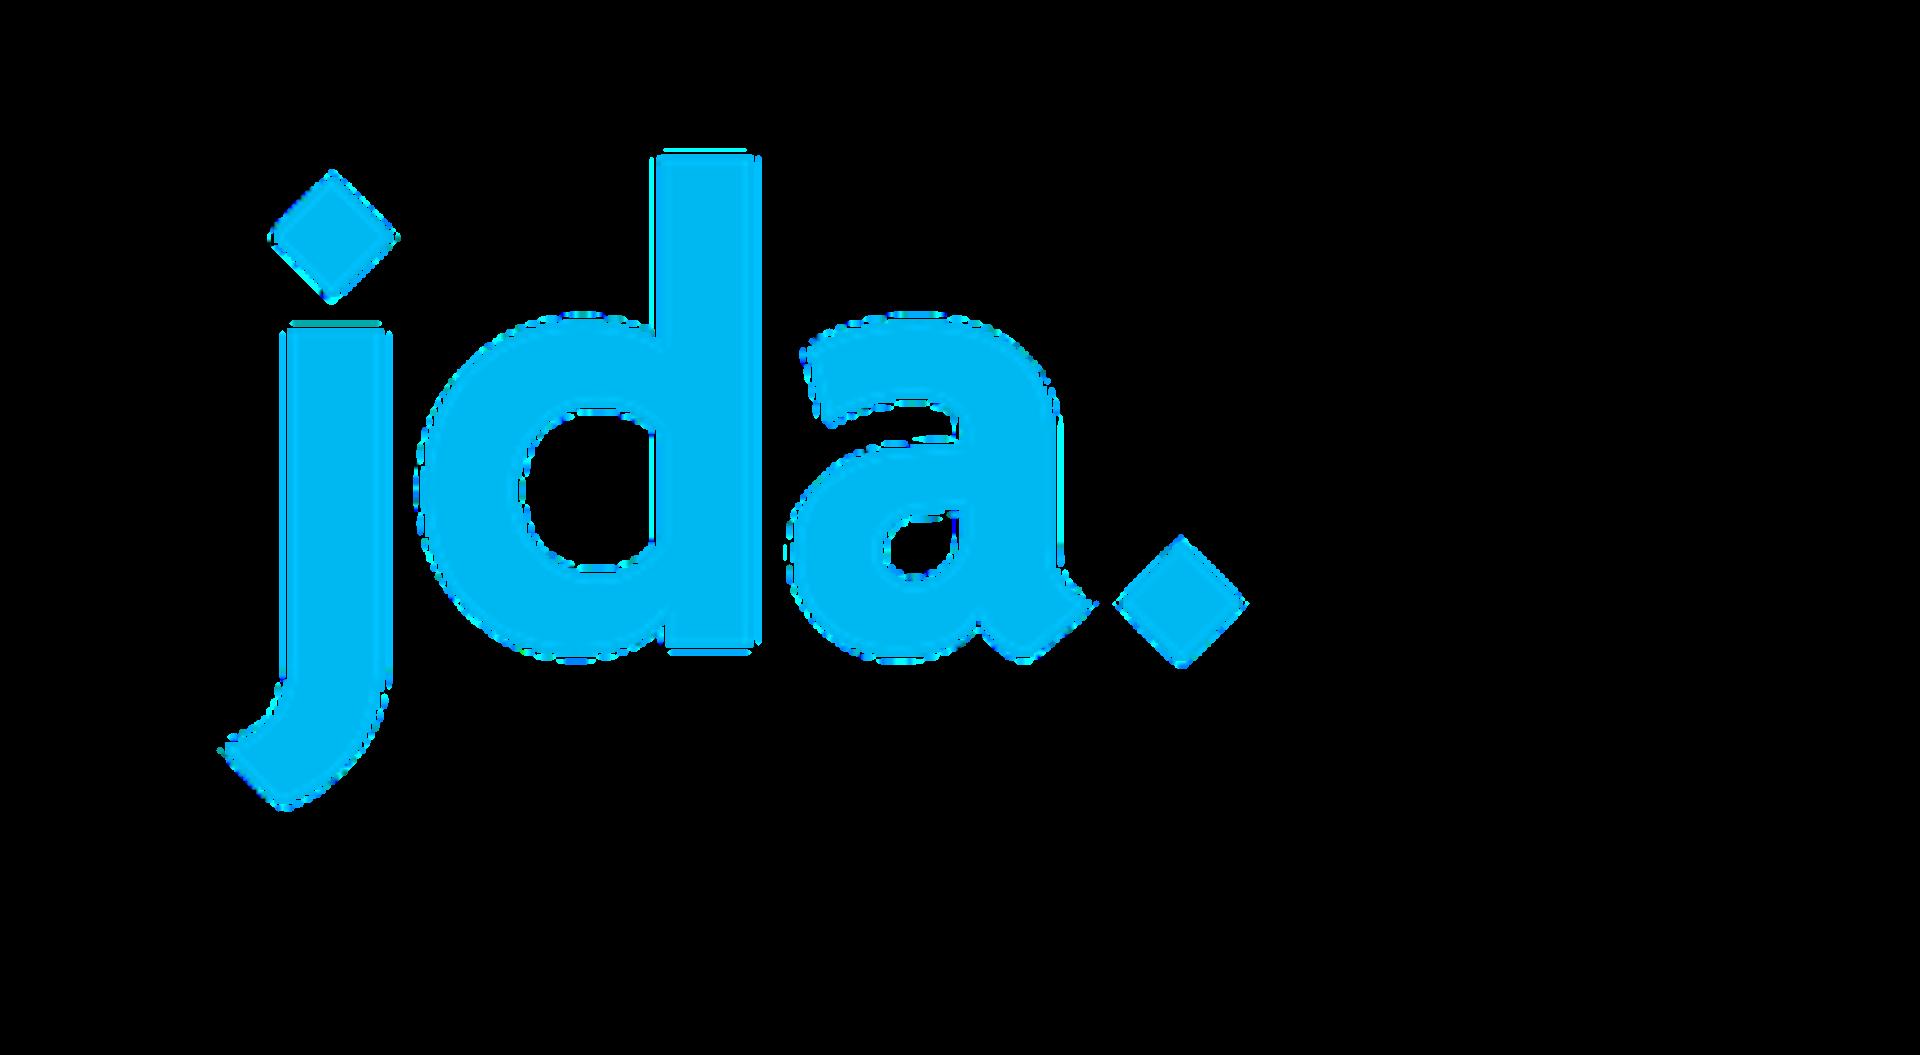 JDA_Software_Group_Logo.png